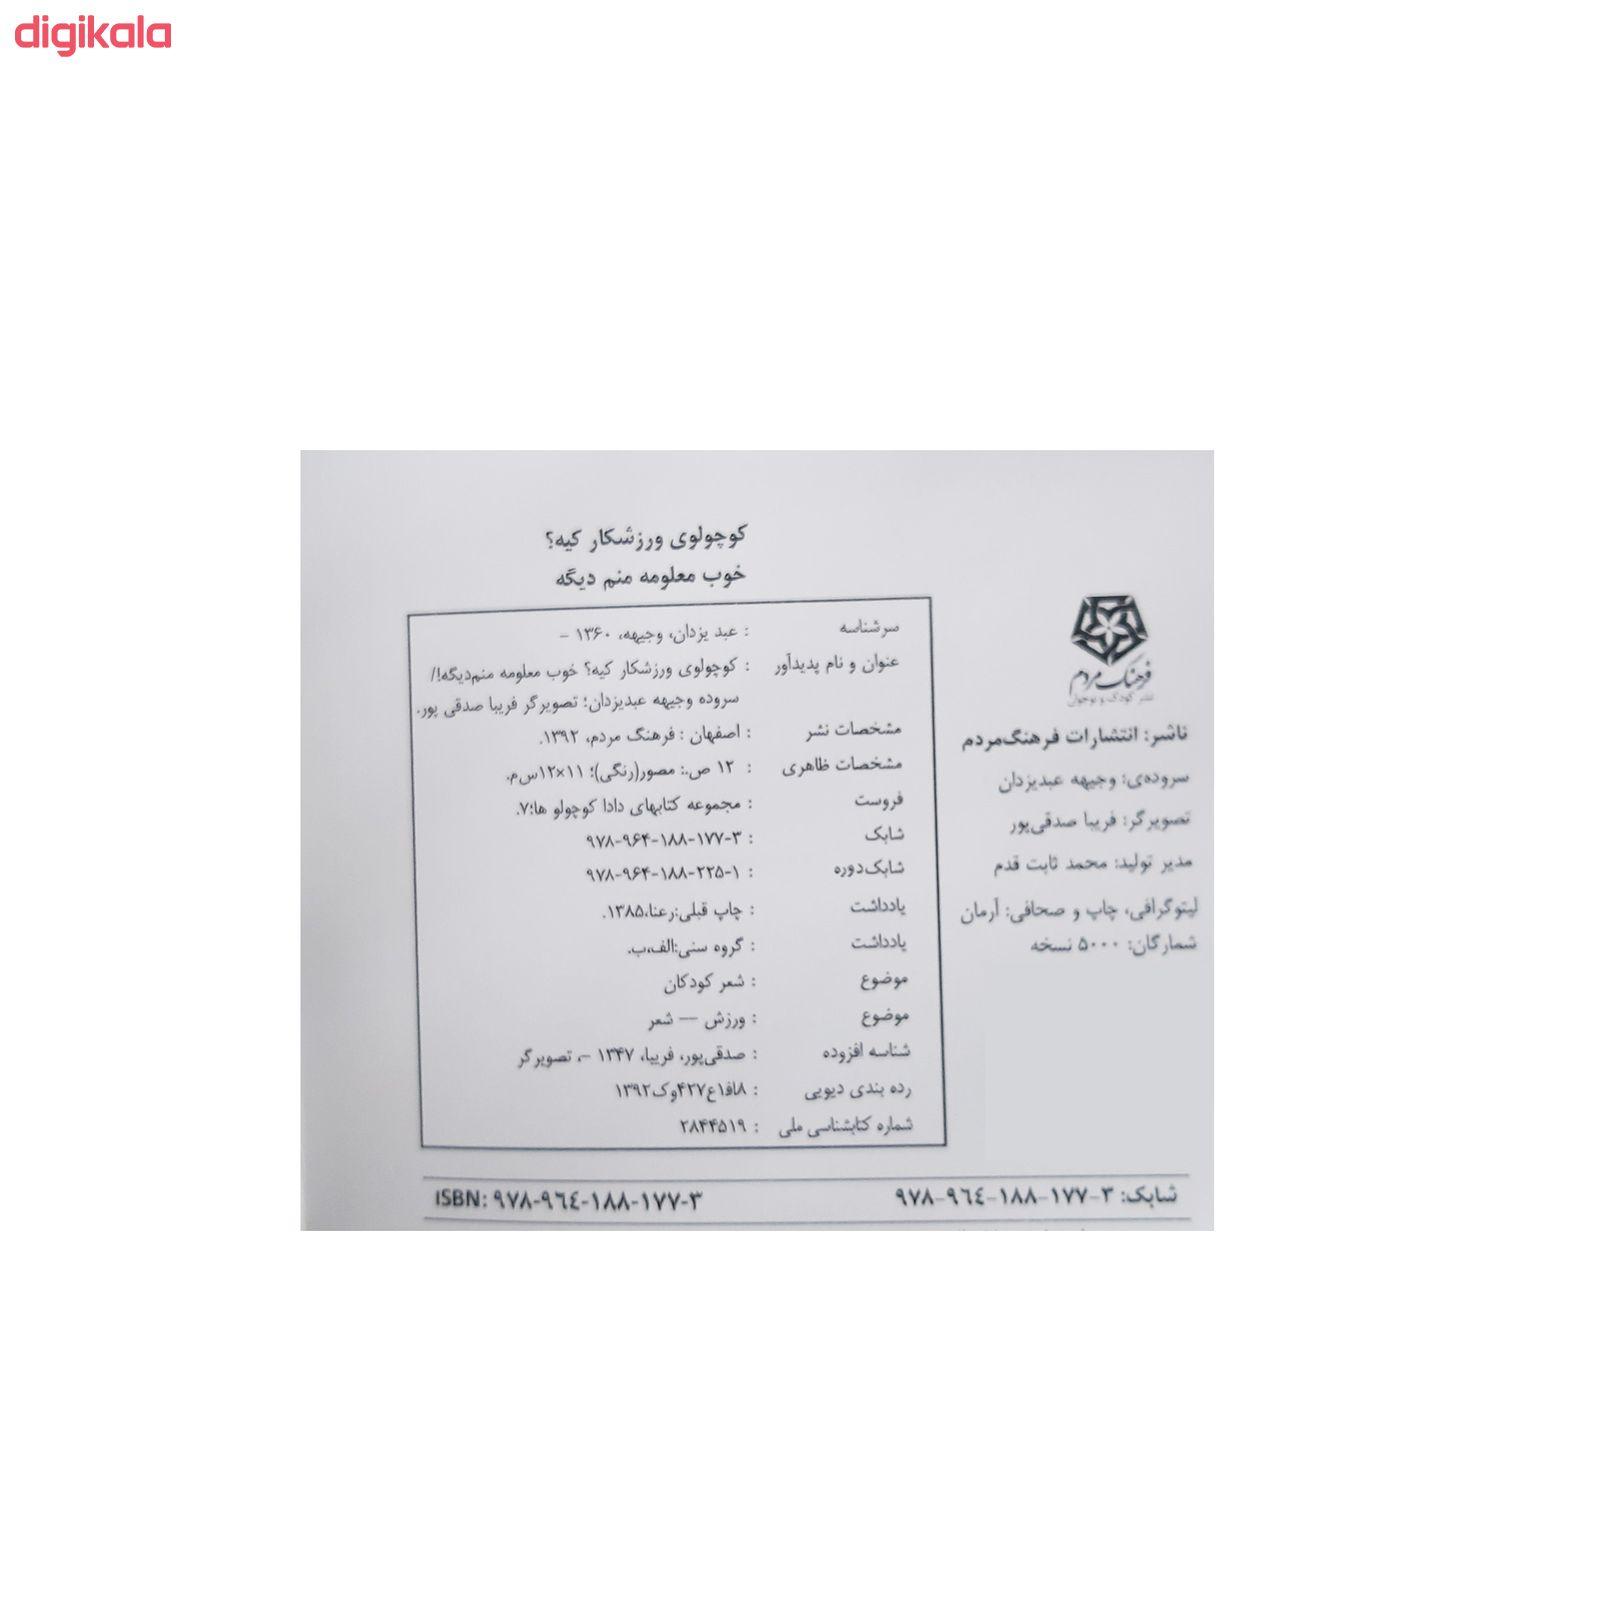 کتاب کوچولوها اثر وجیهه عبدیزدان انتشارات فرهنگ مردم 8 جلدی main 1 19